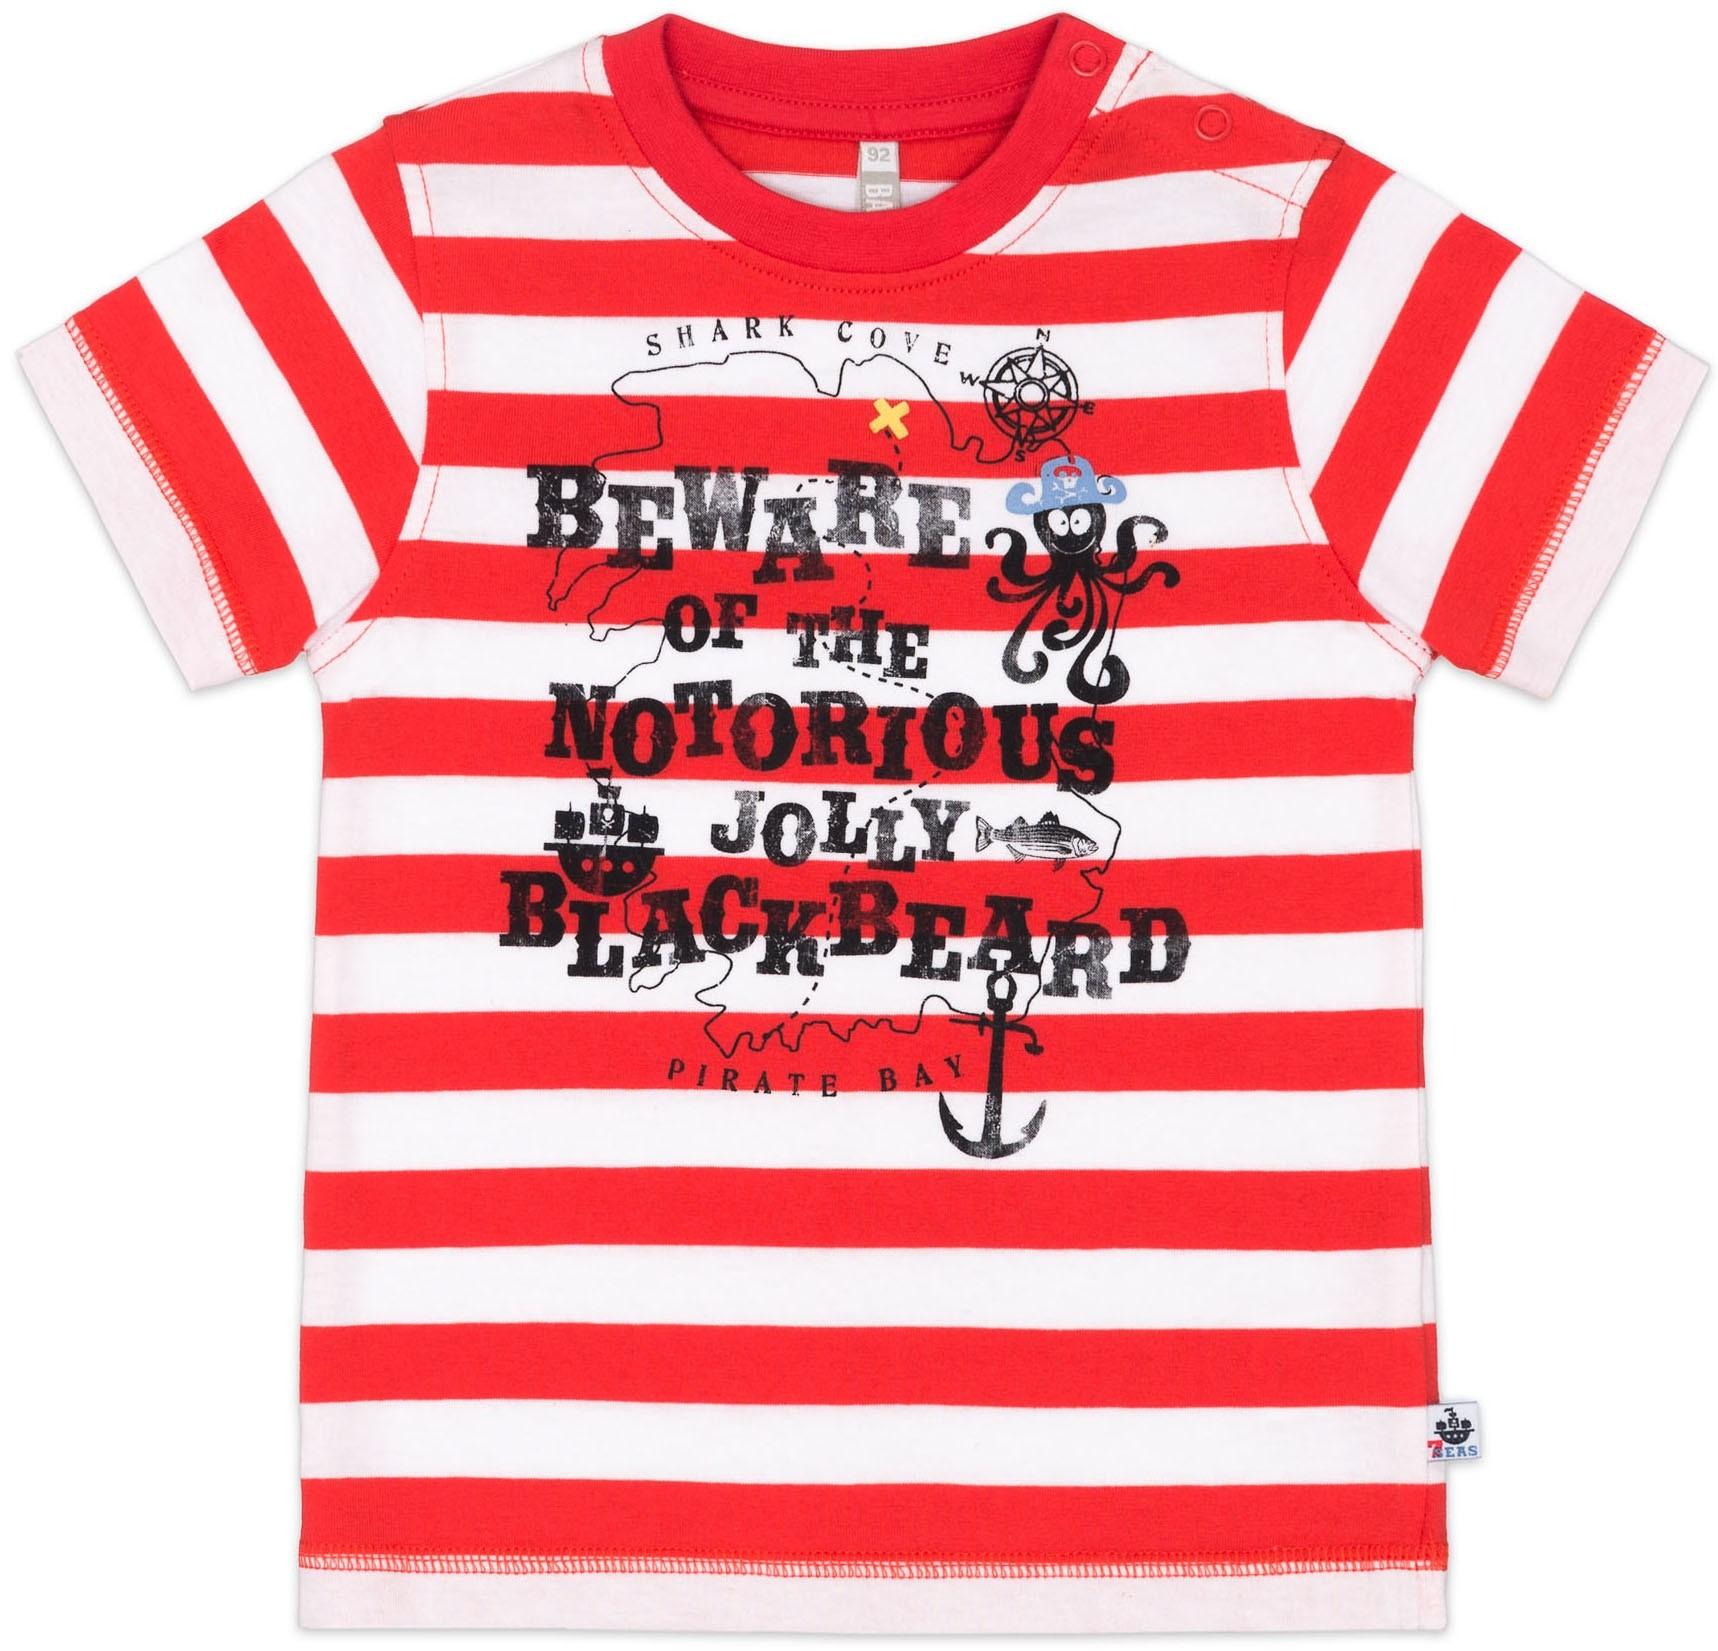 """где купить Футболки Barkito Футболка с коротким рукавом для мальчика Barkito, """"Пираты семи морей"""", красно-белая, с рисунком """"полоска"""" по лучшей цене"""